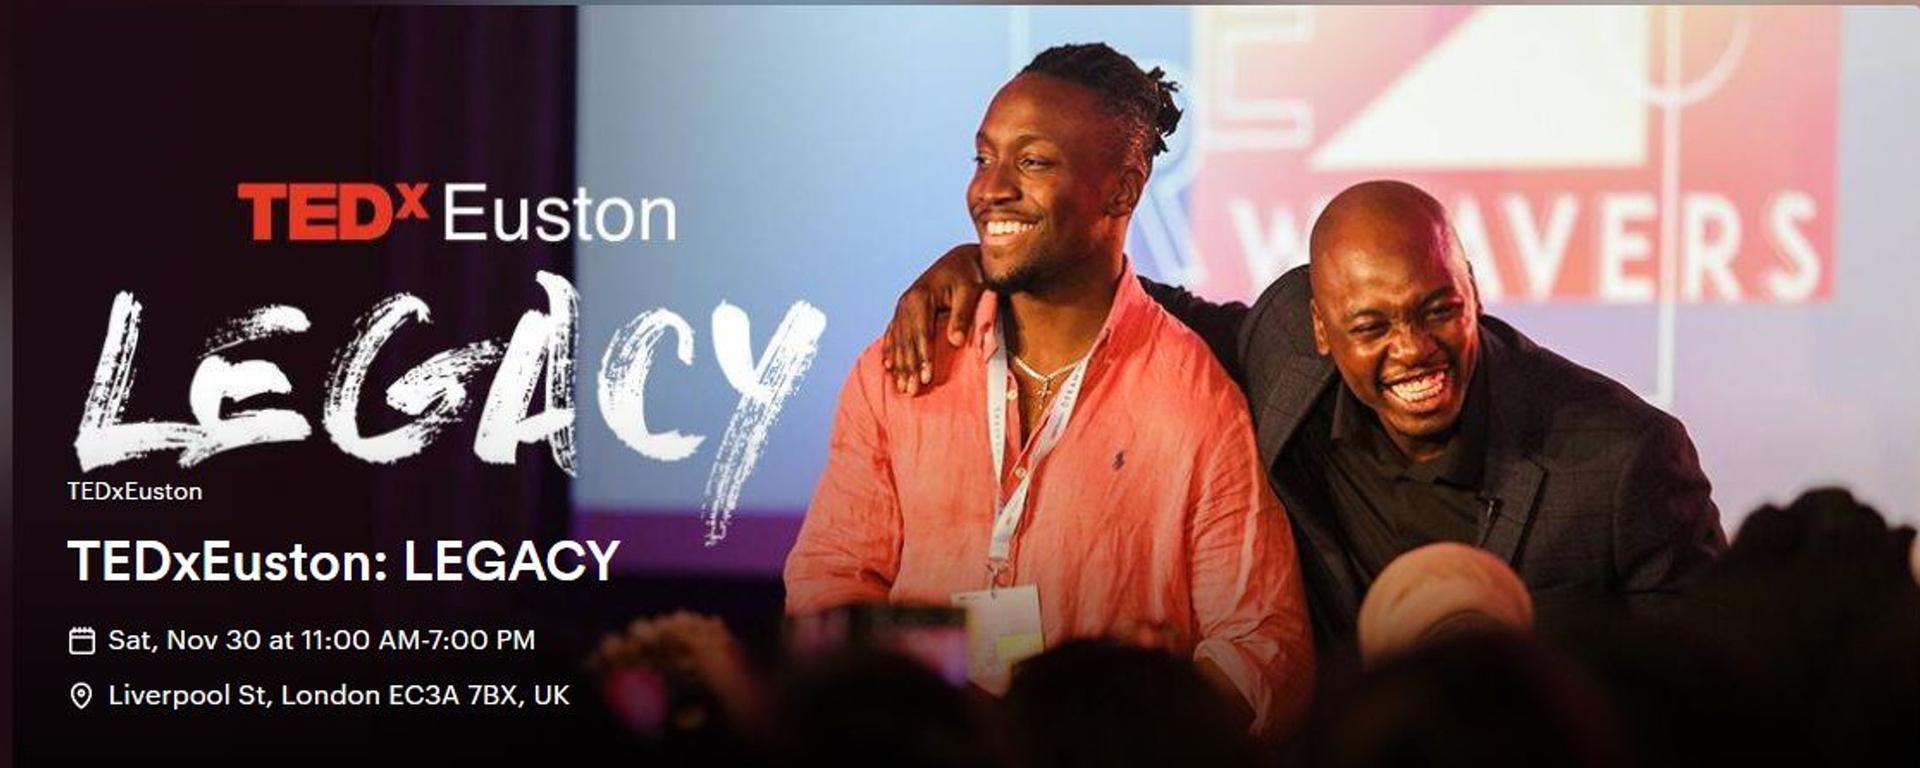 TEDxEuston - TEDxEuston: LEGACY Movemeback African event cover image